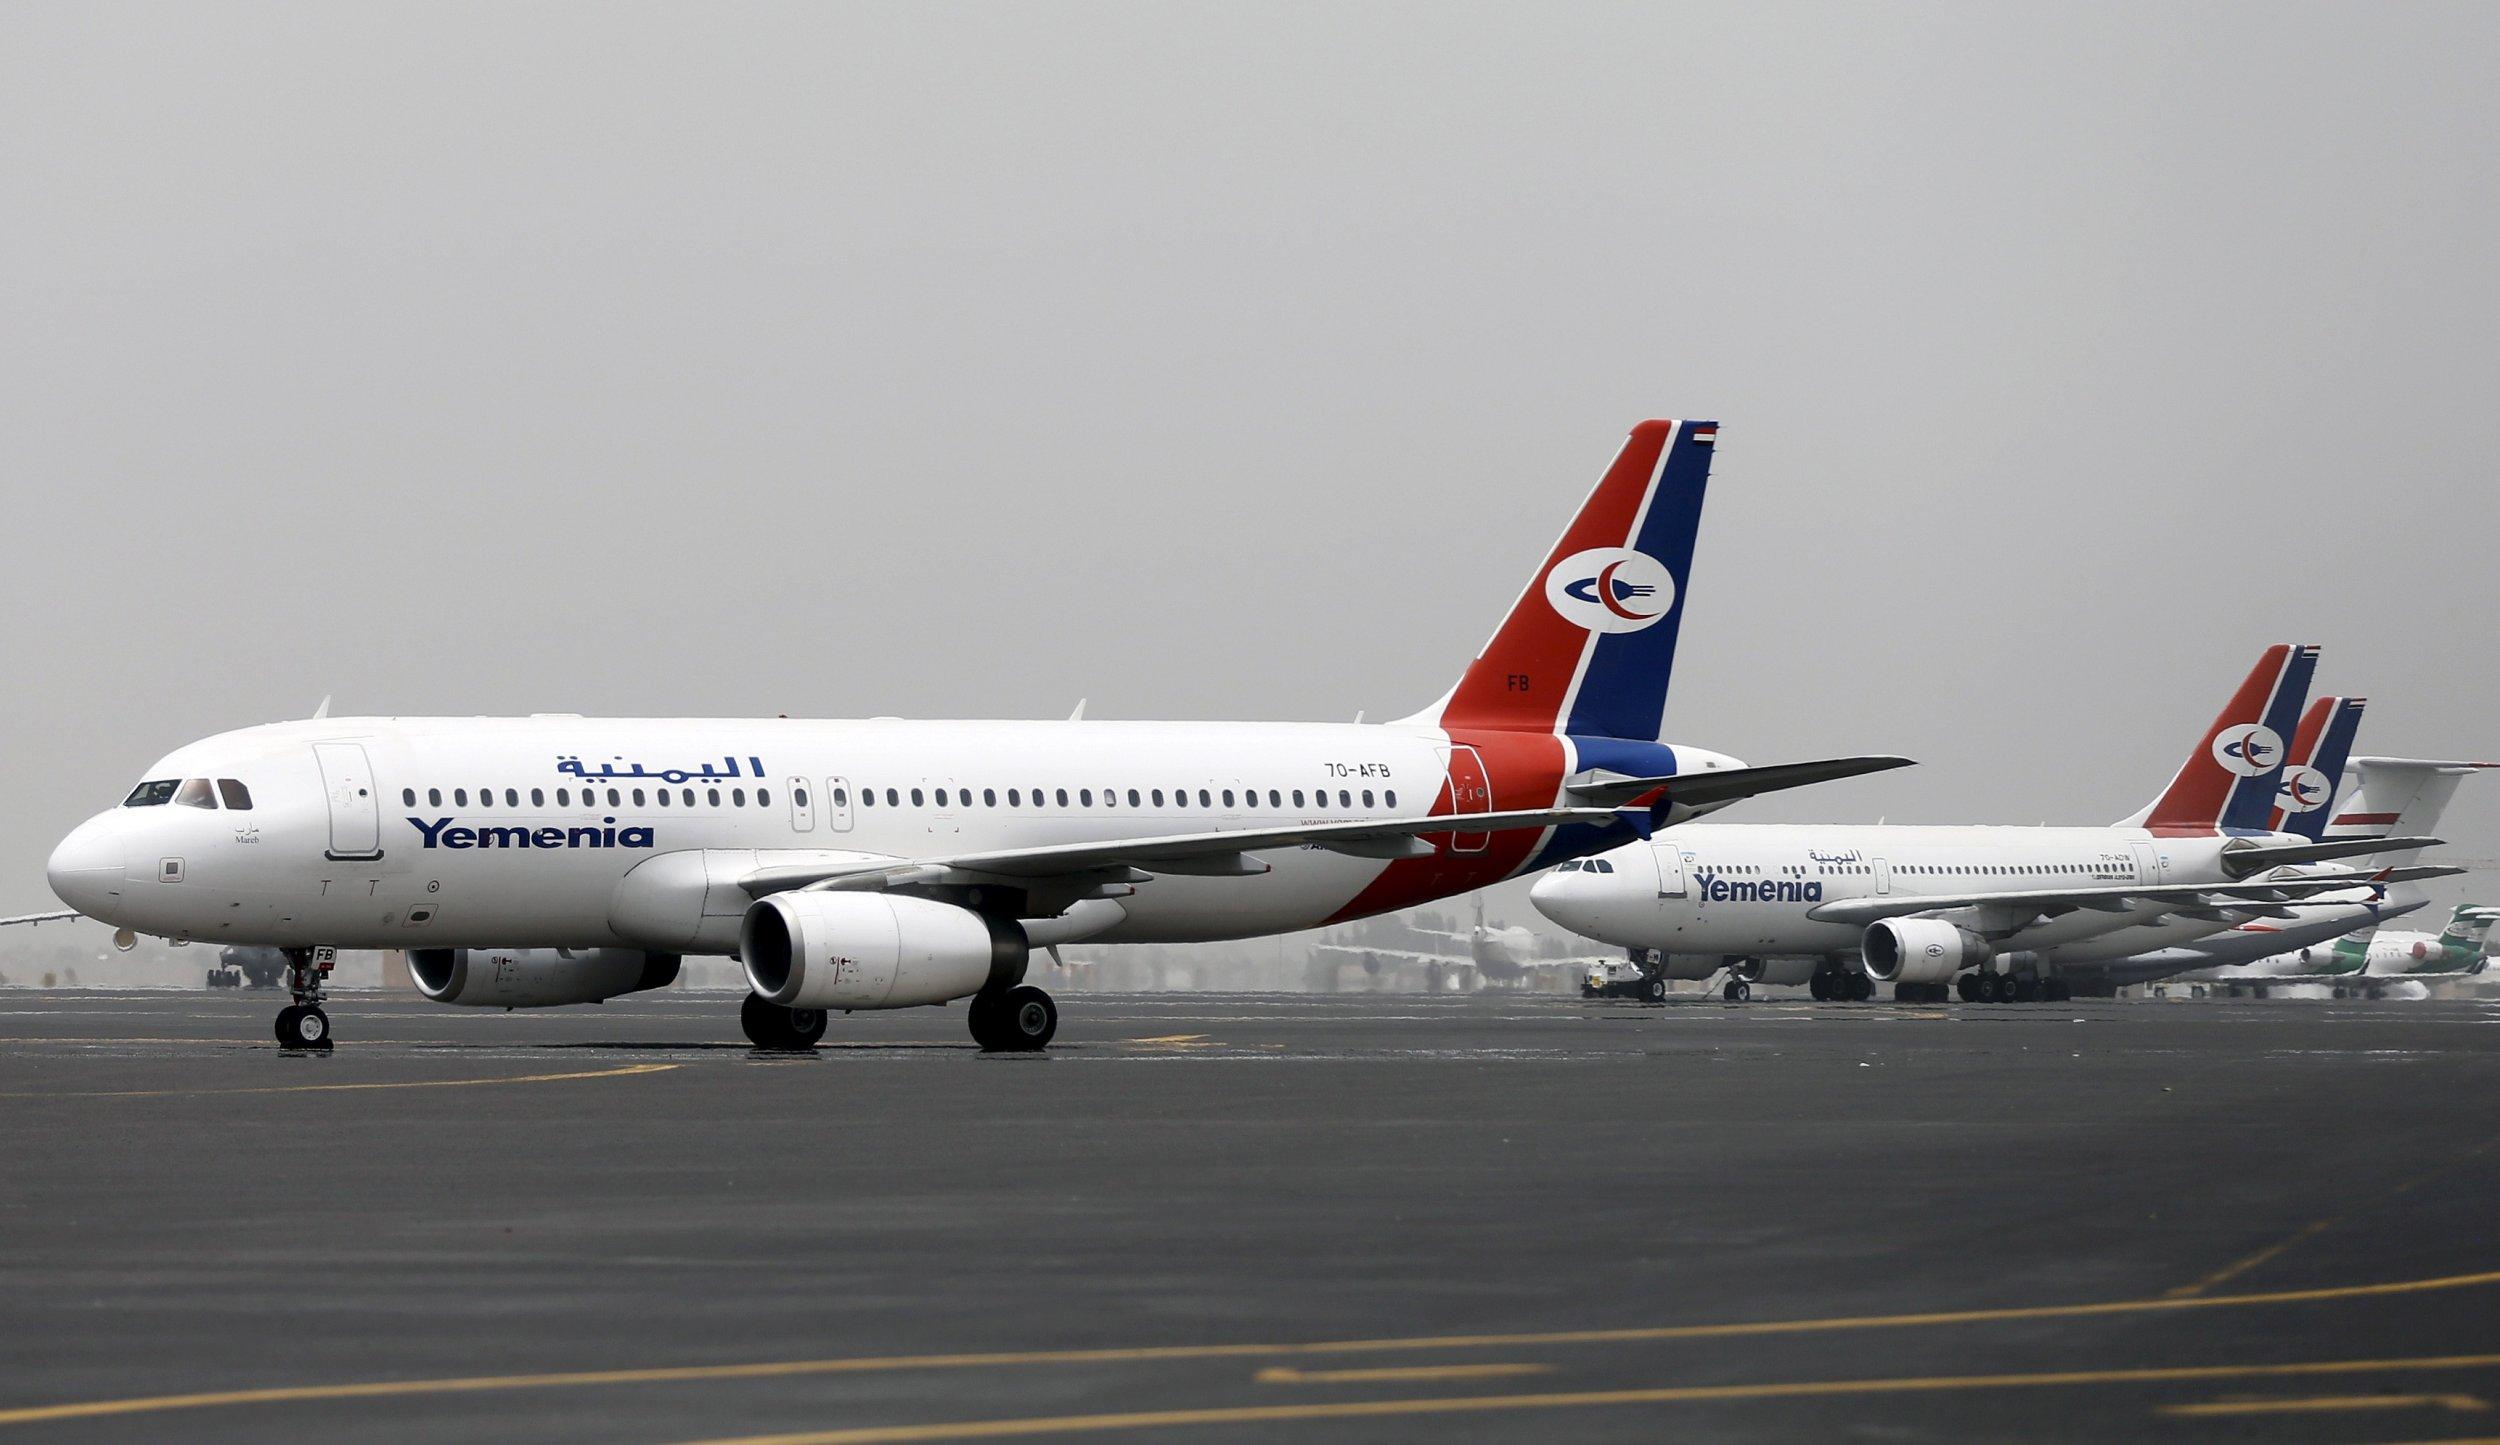 Yemenia Airlines